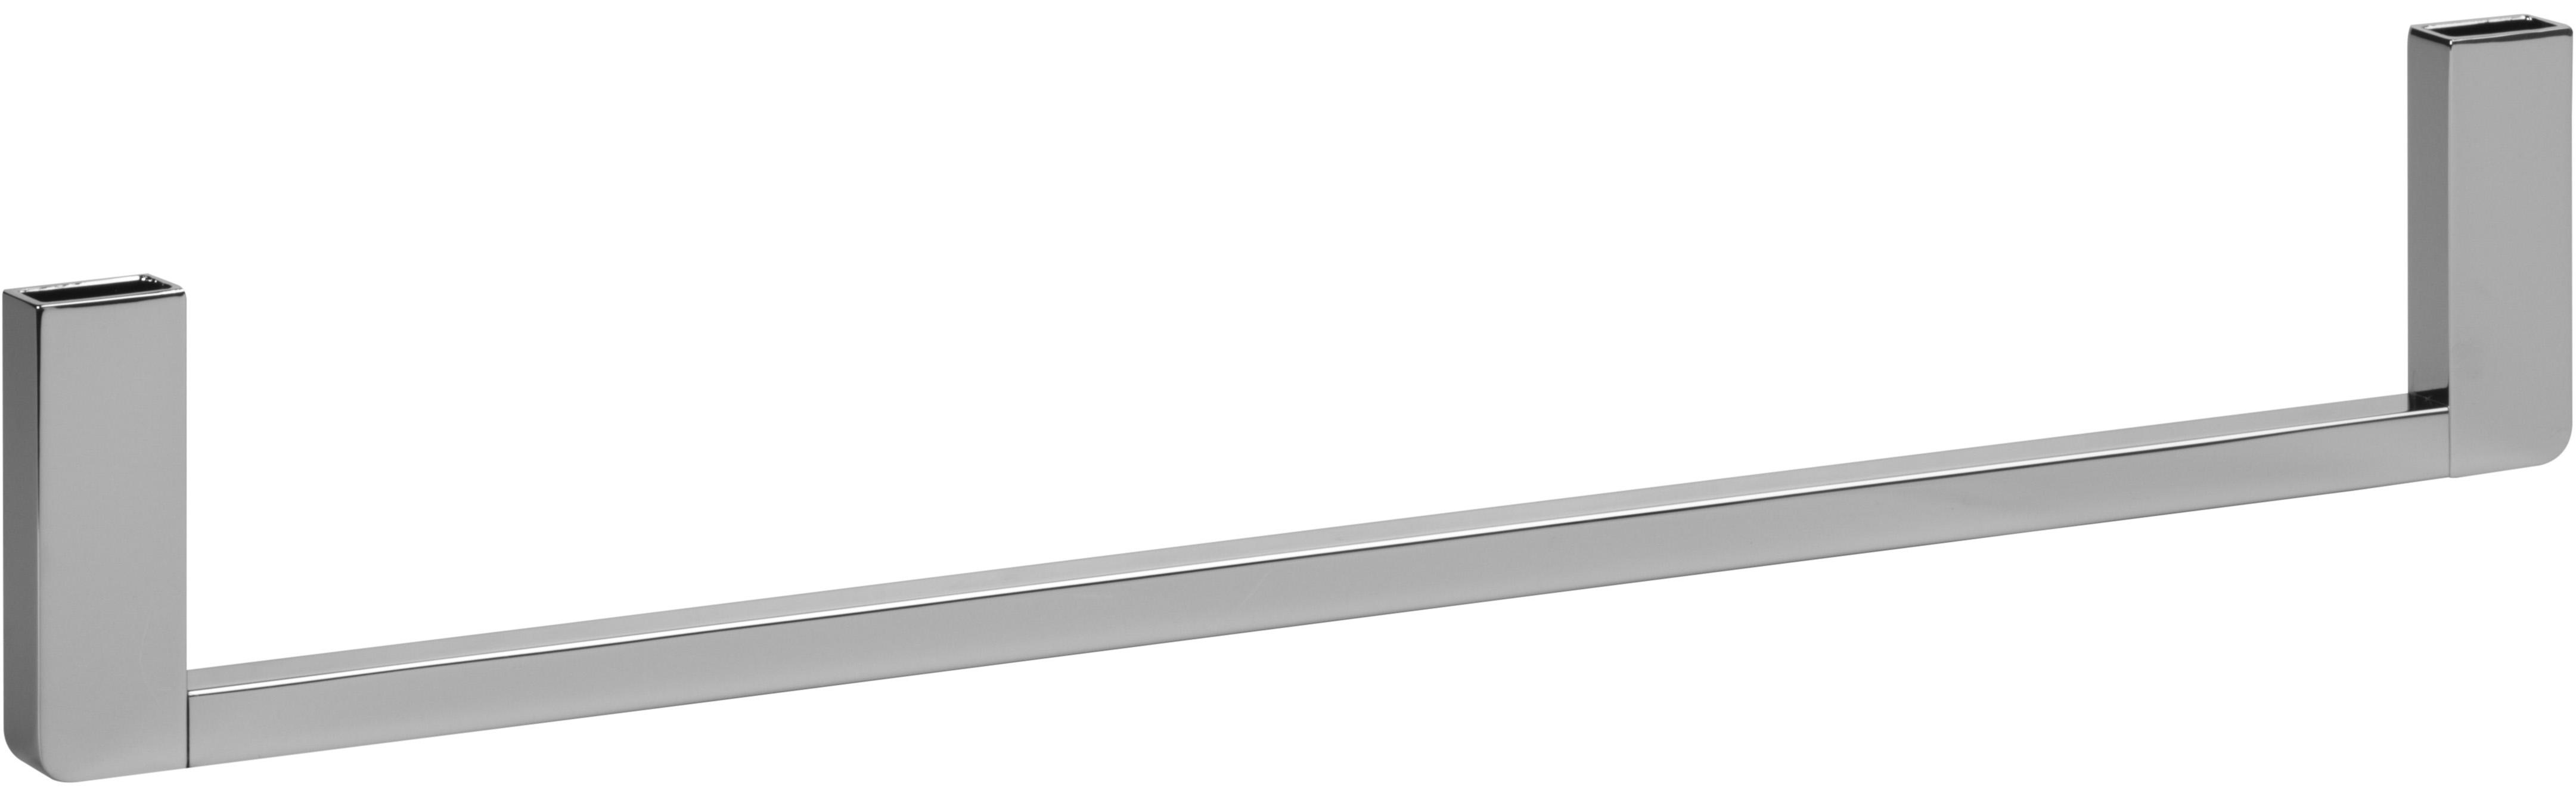 Ben Handdoekhouder voor wastafel 60cm Chroom